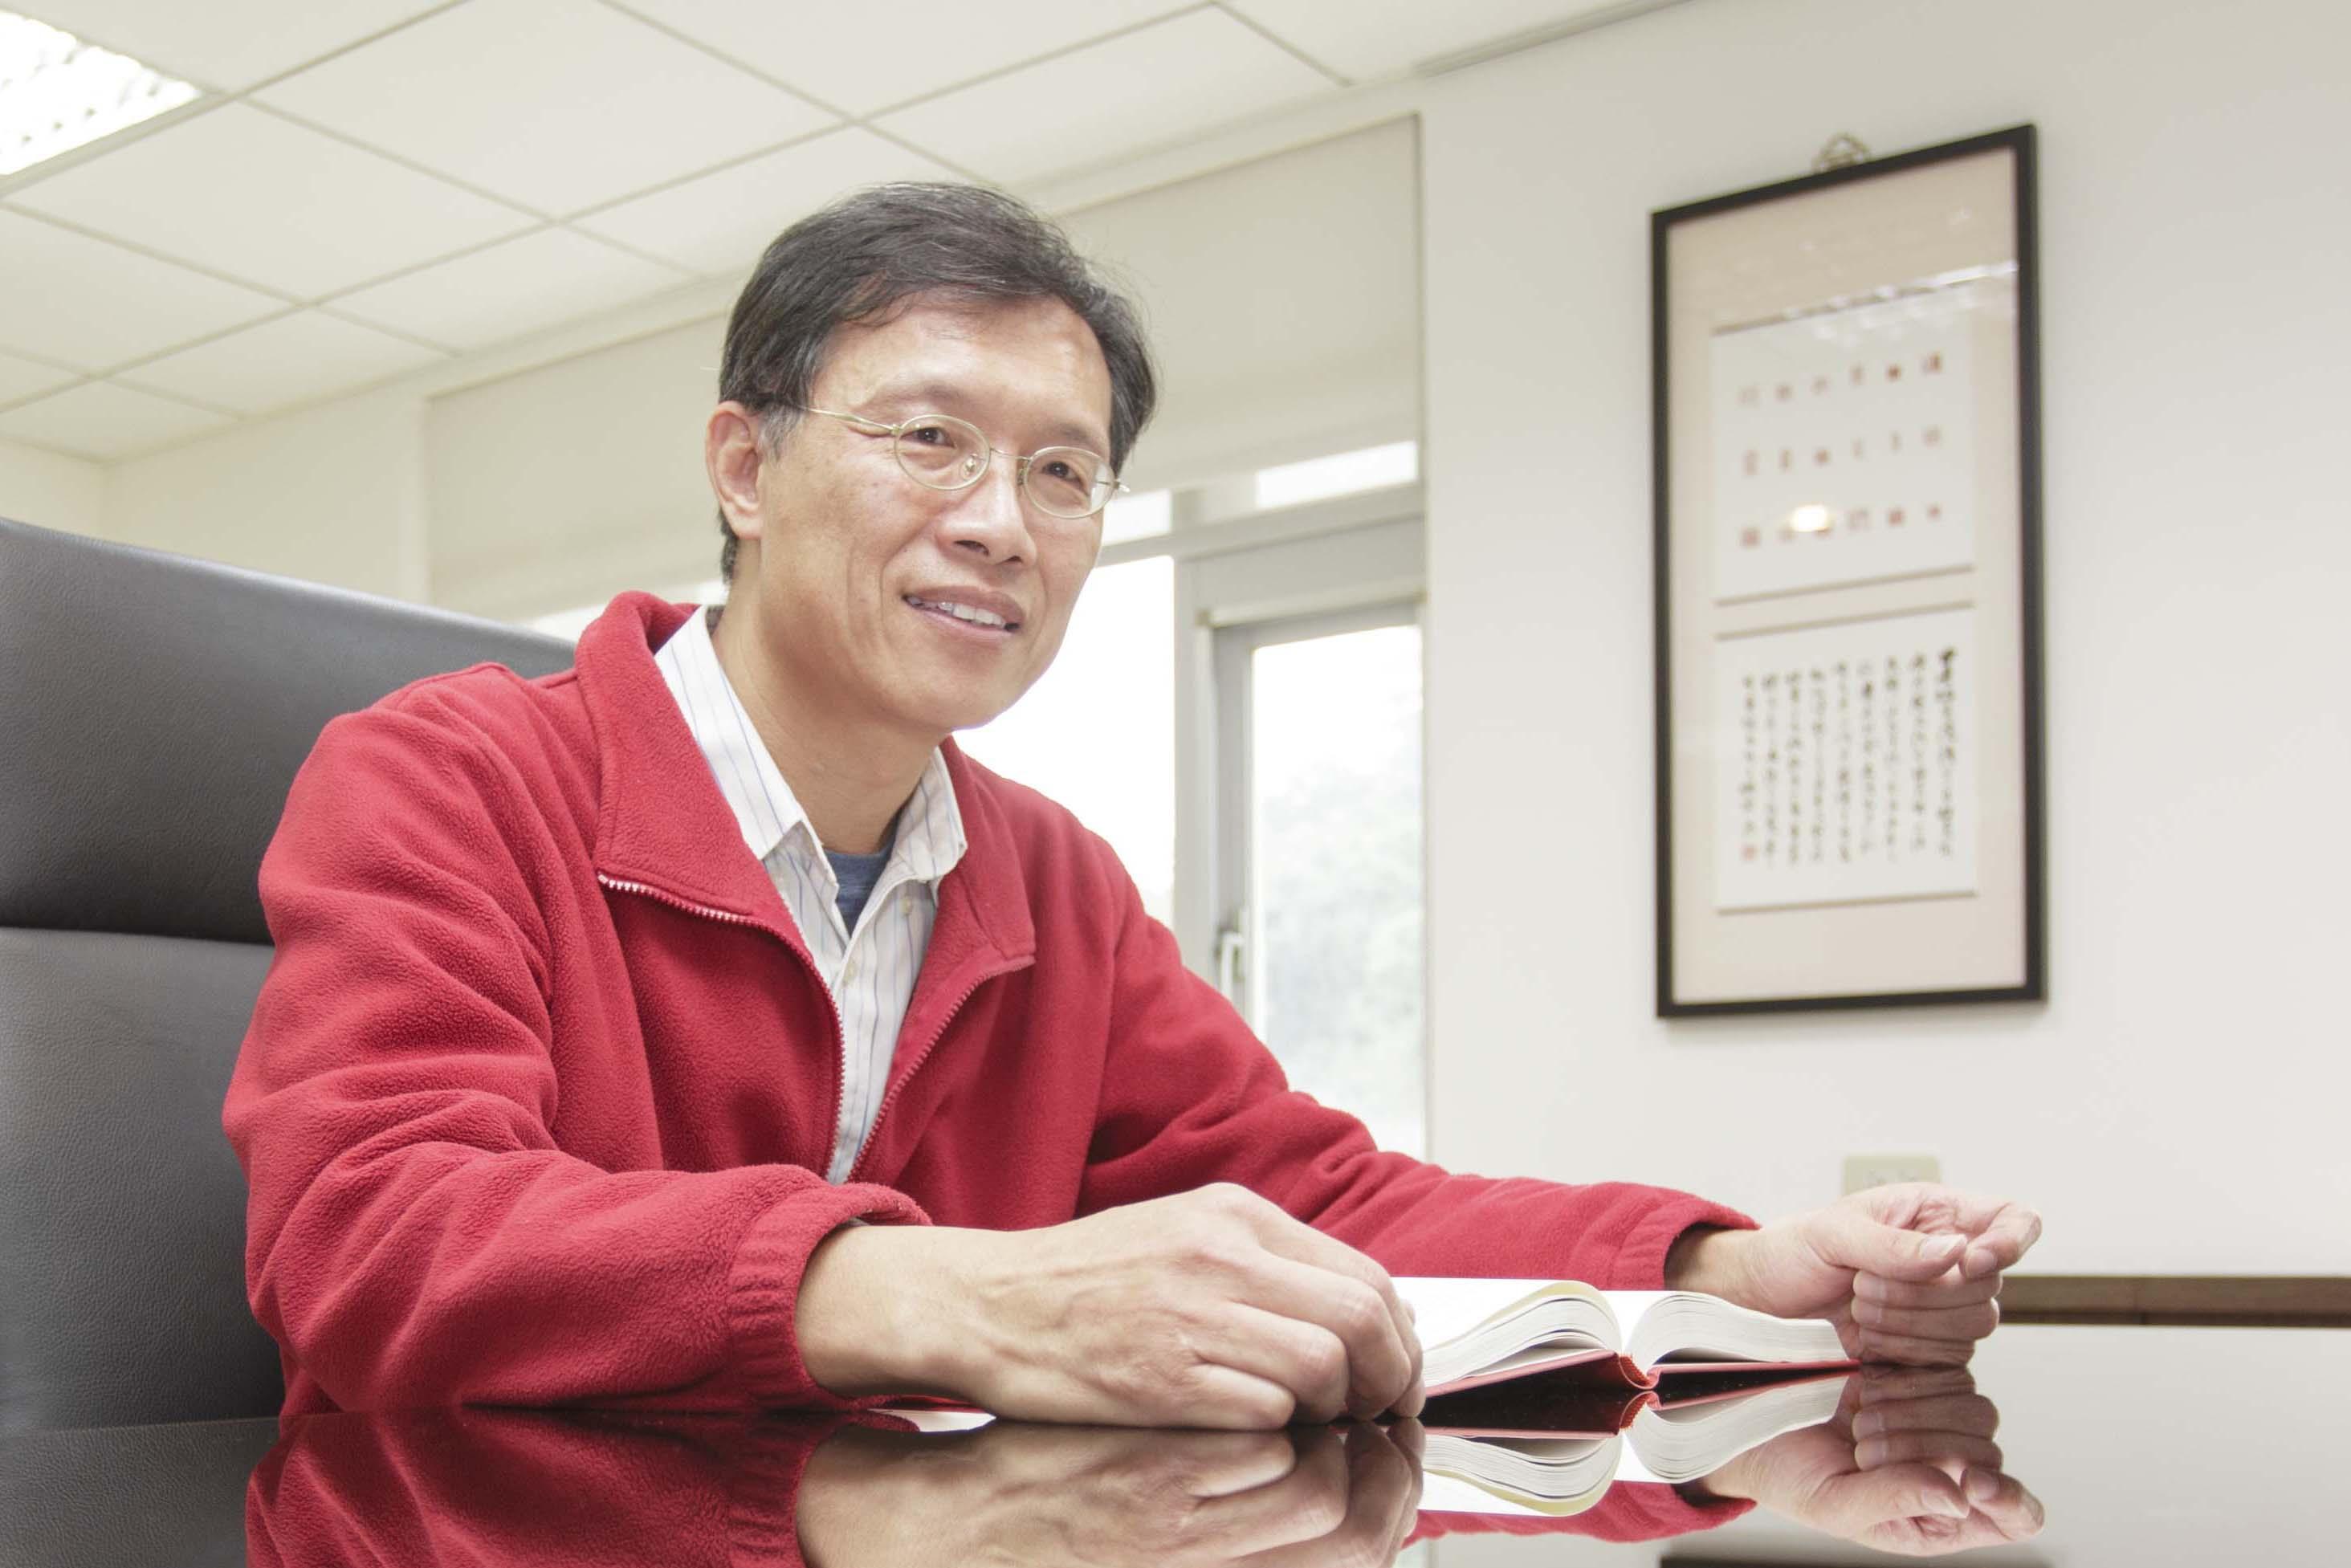 擔任中研院語言學研究所所長的林若望,研究語言學已經將近卅年,是國內少數精研「語意學」領域的學者。圖│研之有物